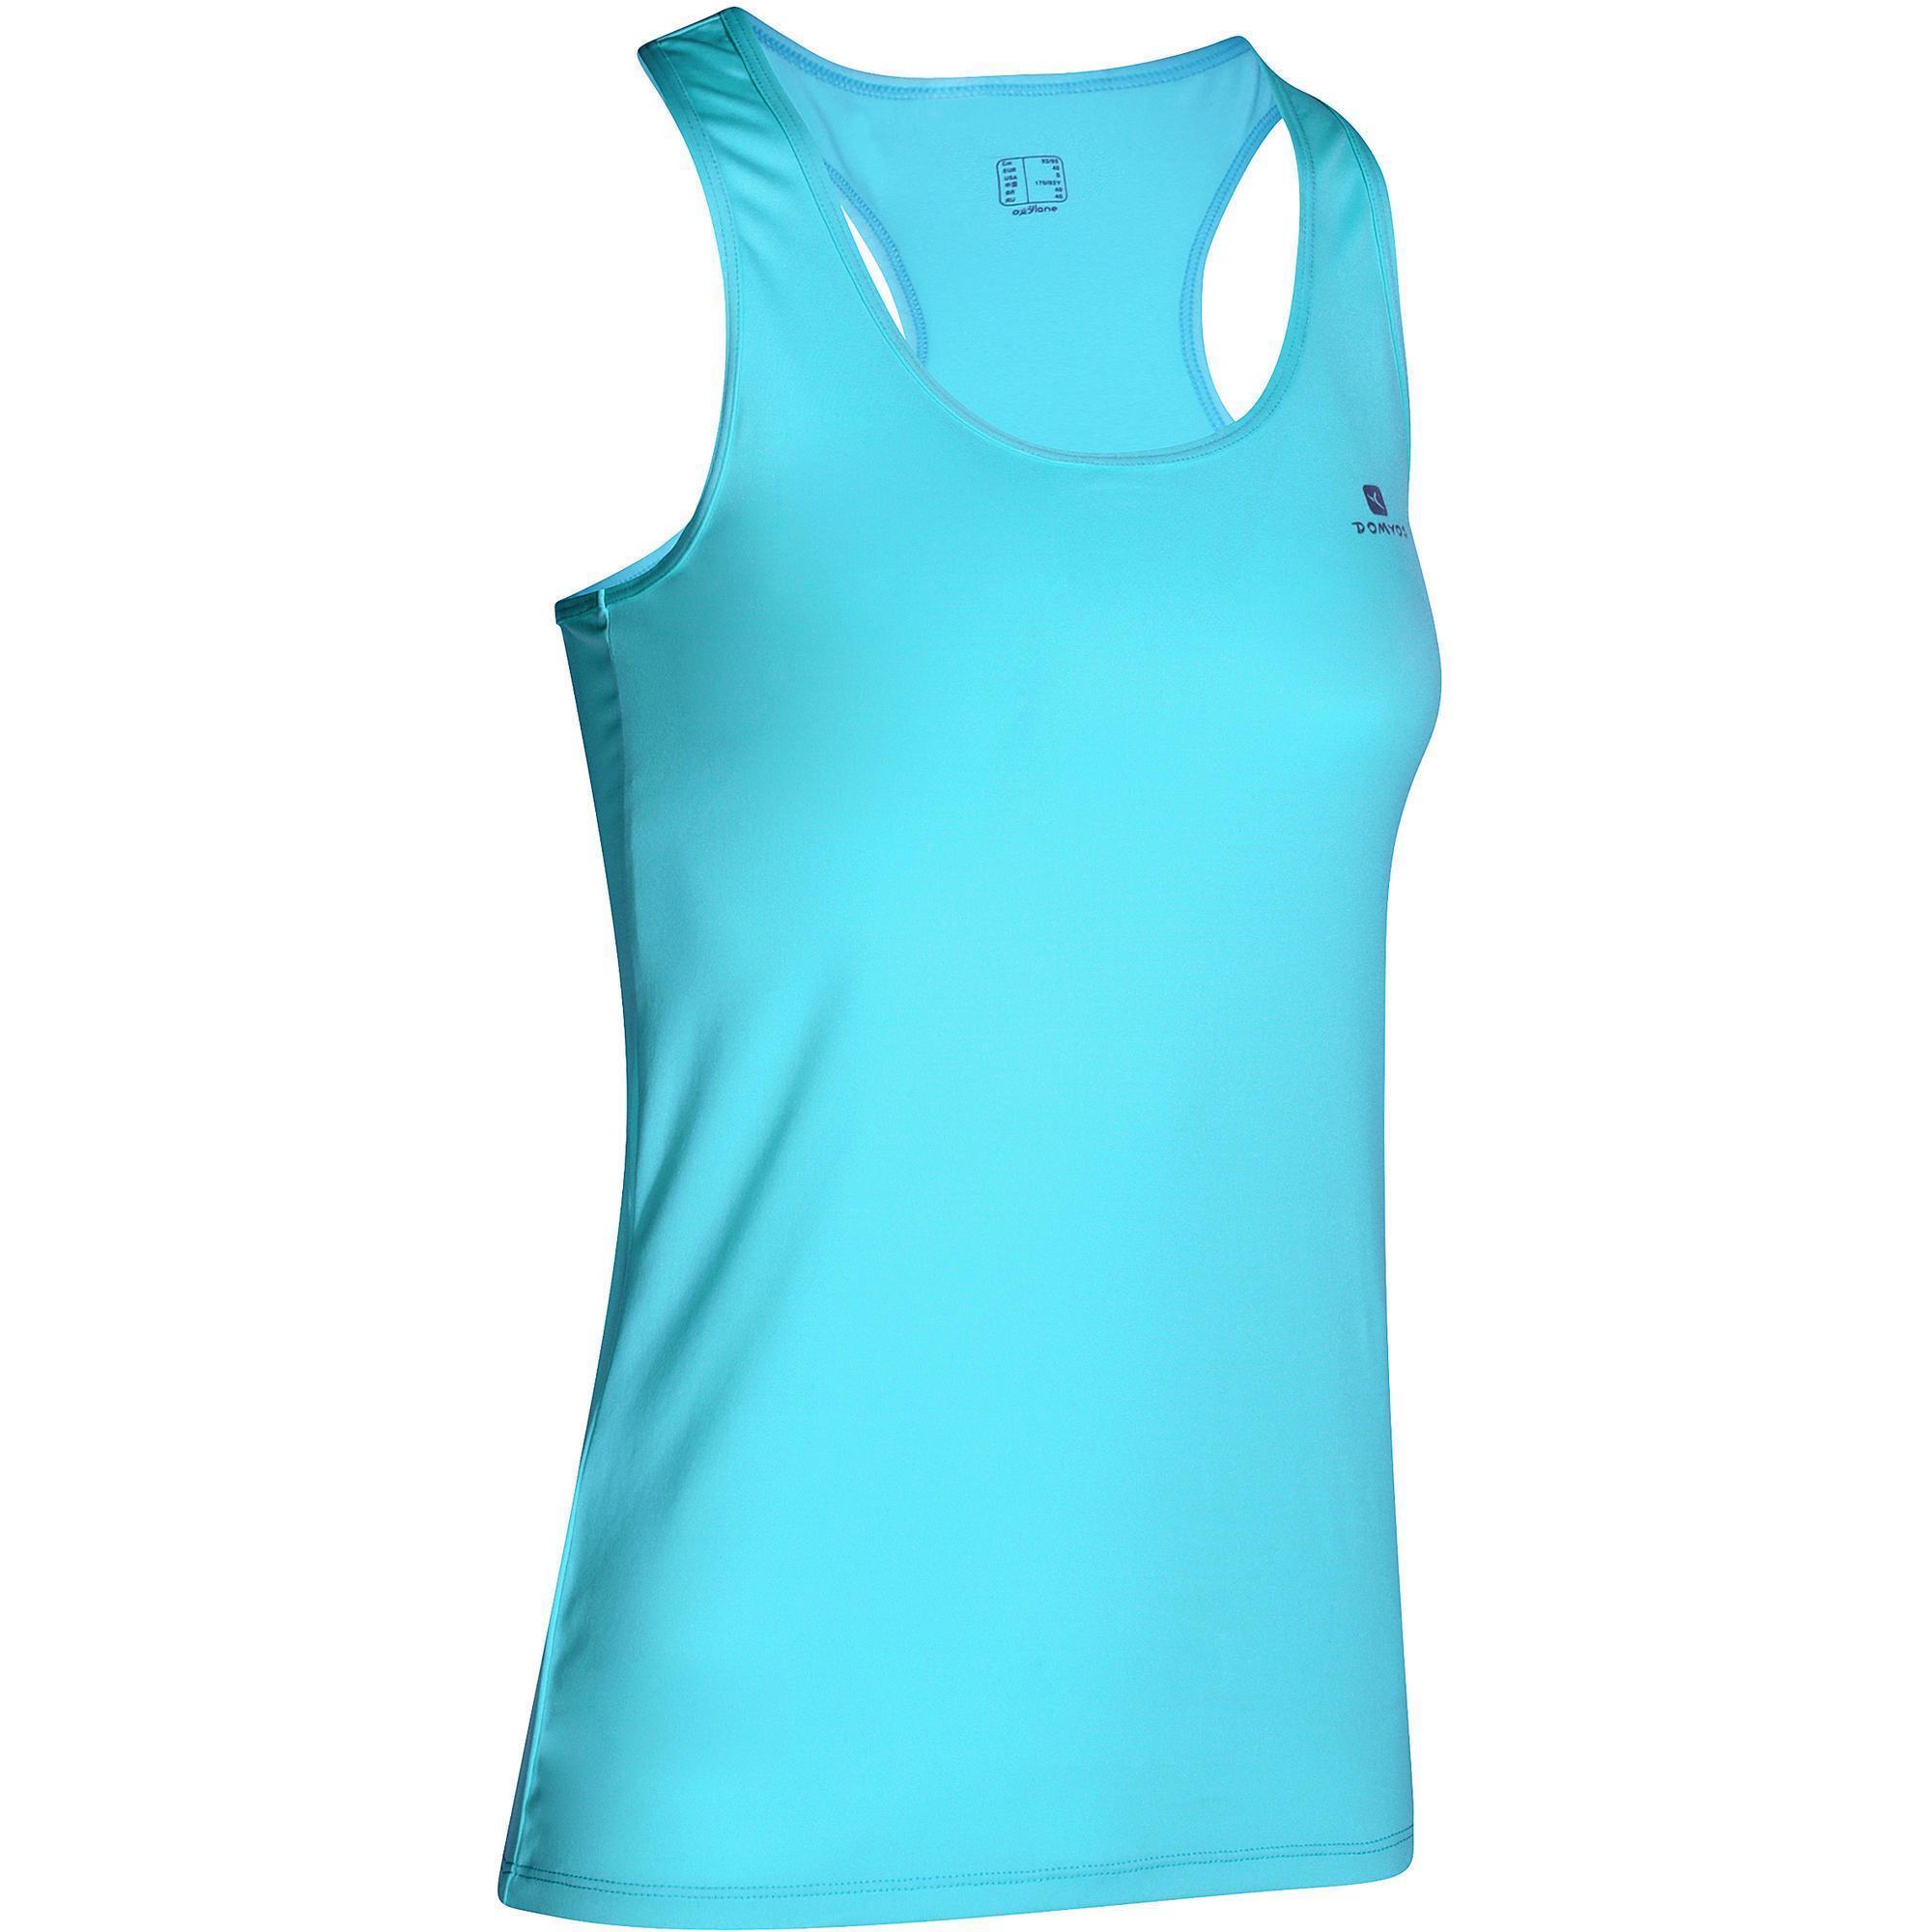 Женская одежда для фитнеса и силовых тренировок   Domyos by Decathlon ddcdb87b286